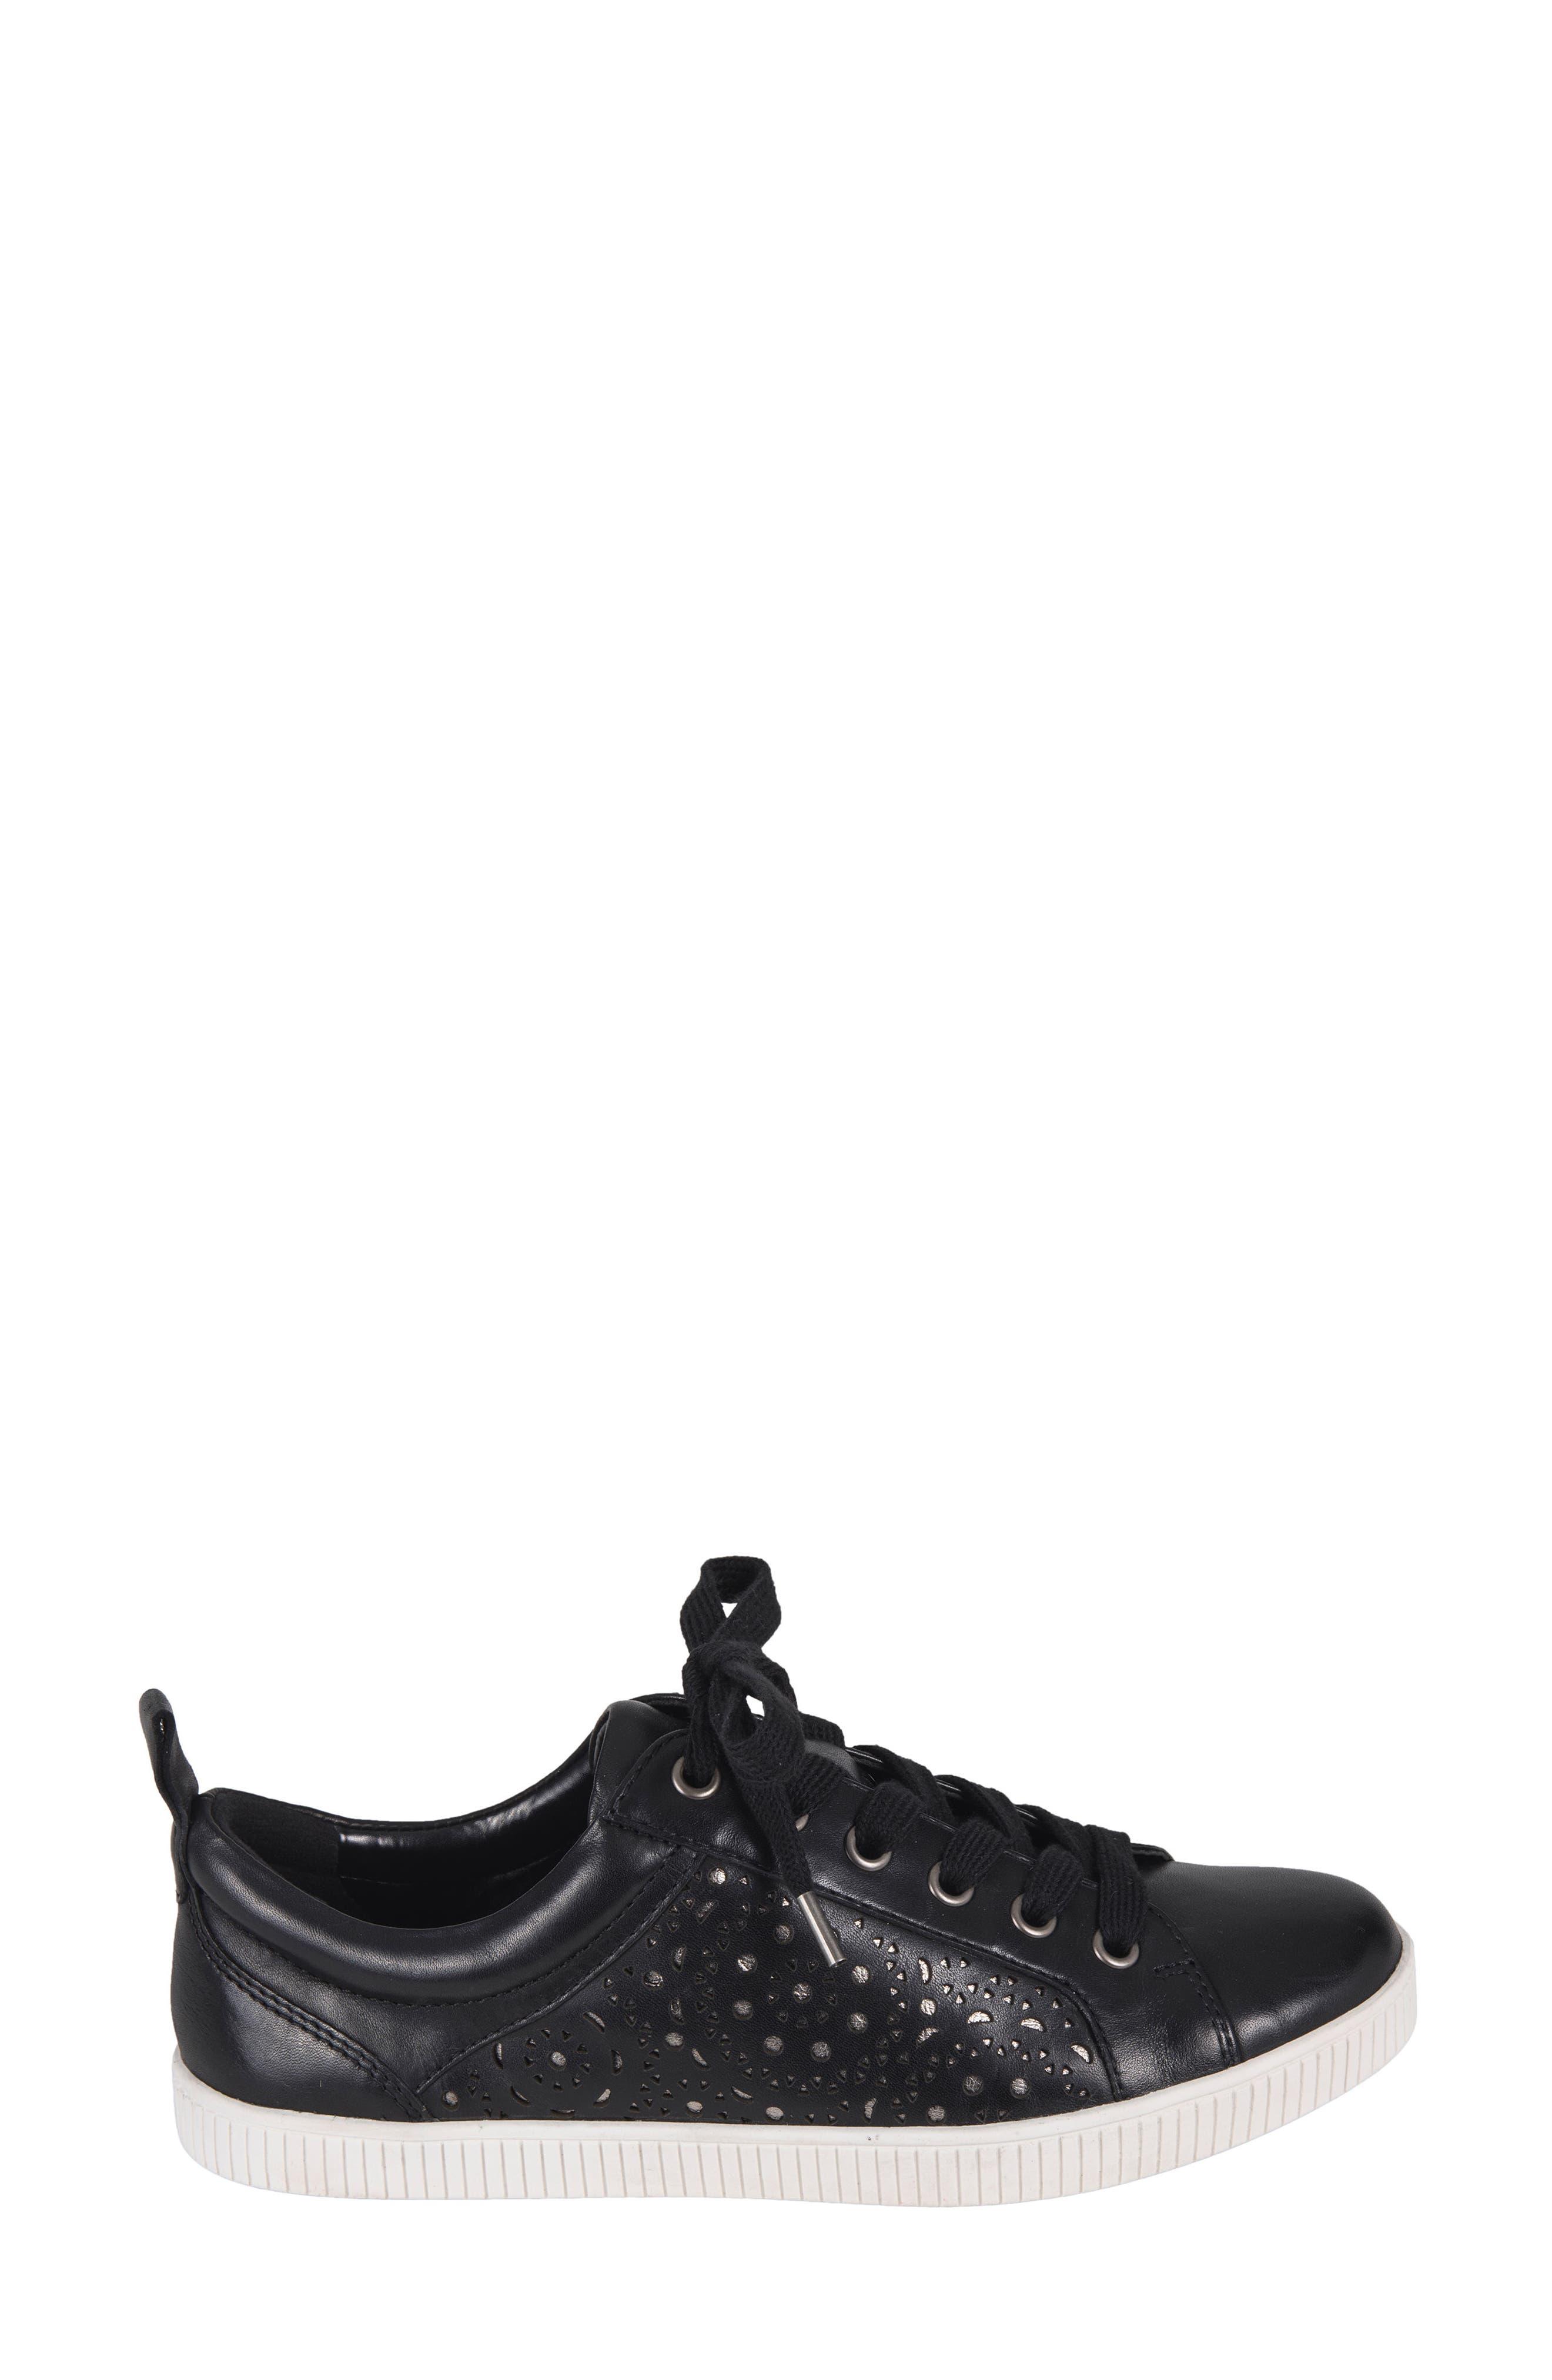 Tangor Perforated Sneaker,                             Alternate thumbnail 3, color,                             001